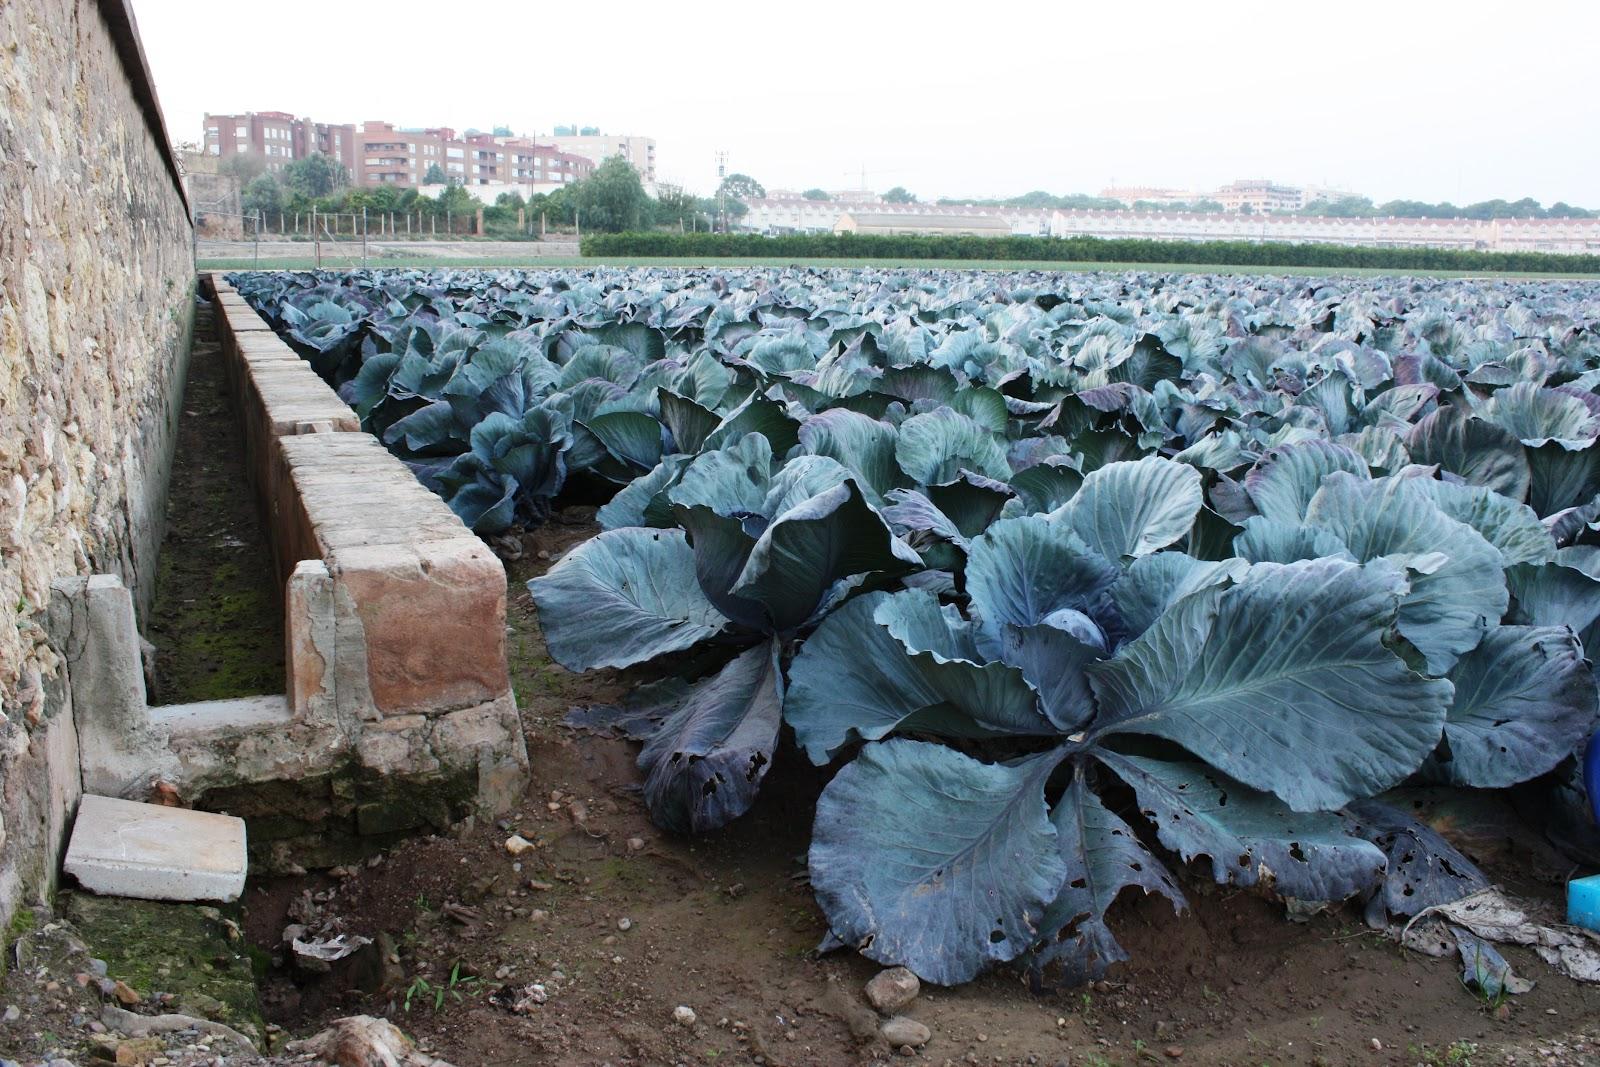 Crea tu jard n leyendas urbanas sobre el cultivo hidrop nico for Crea tu jardin